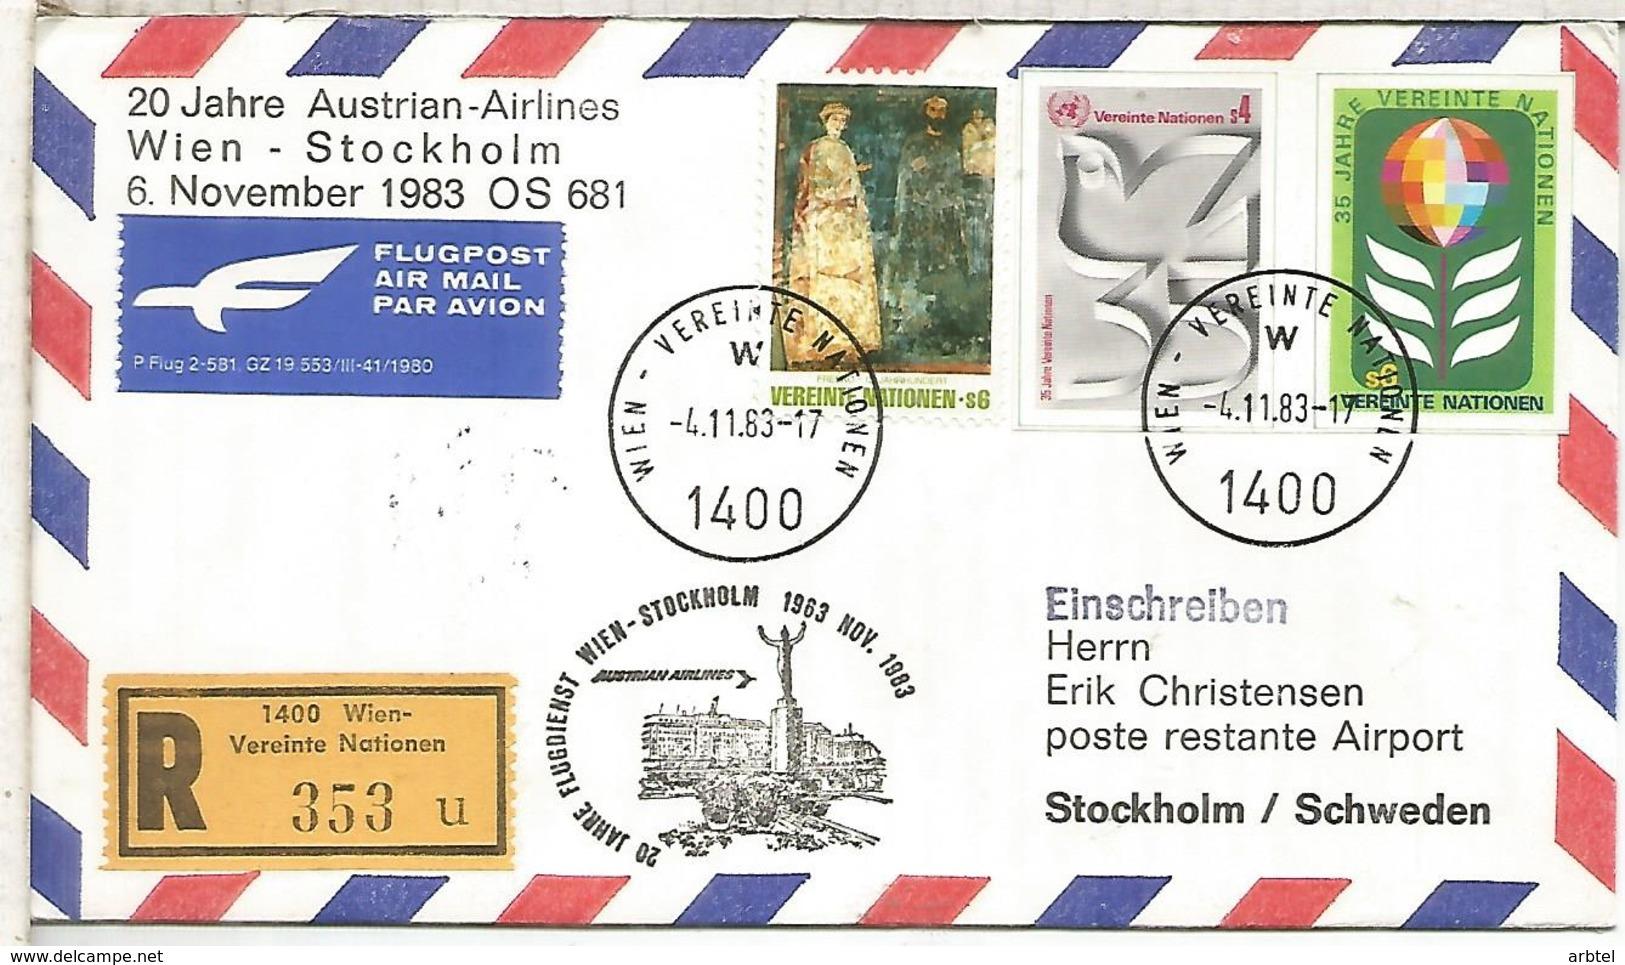 NACIONES UNIDAS WIEN CC CERTIFICADA VUELO WIEN STOCKHOLM 1983 AUSTRIAN AIRLINES - Aéreo